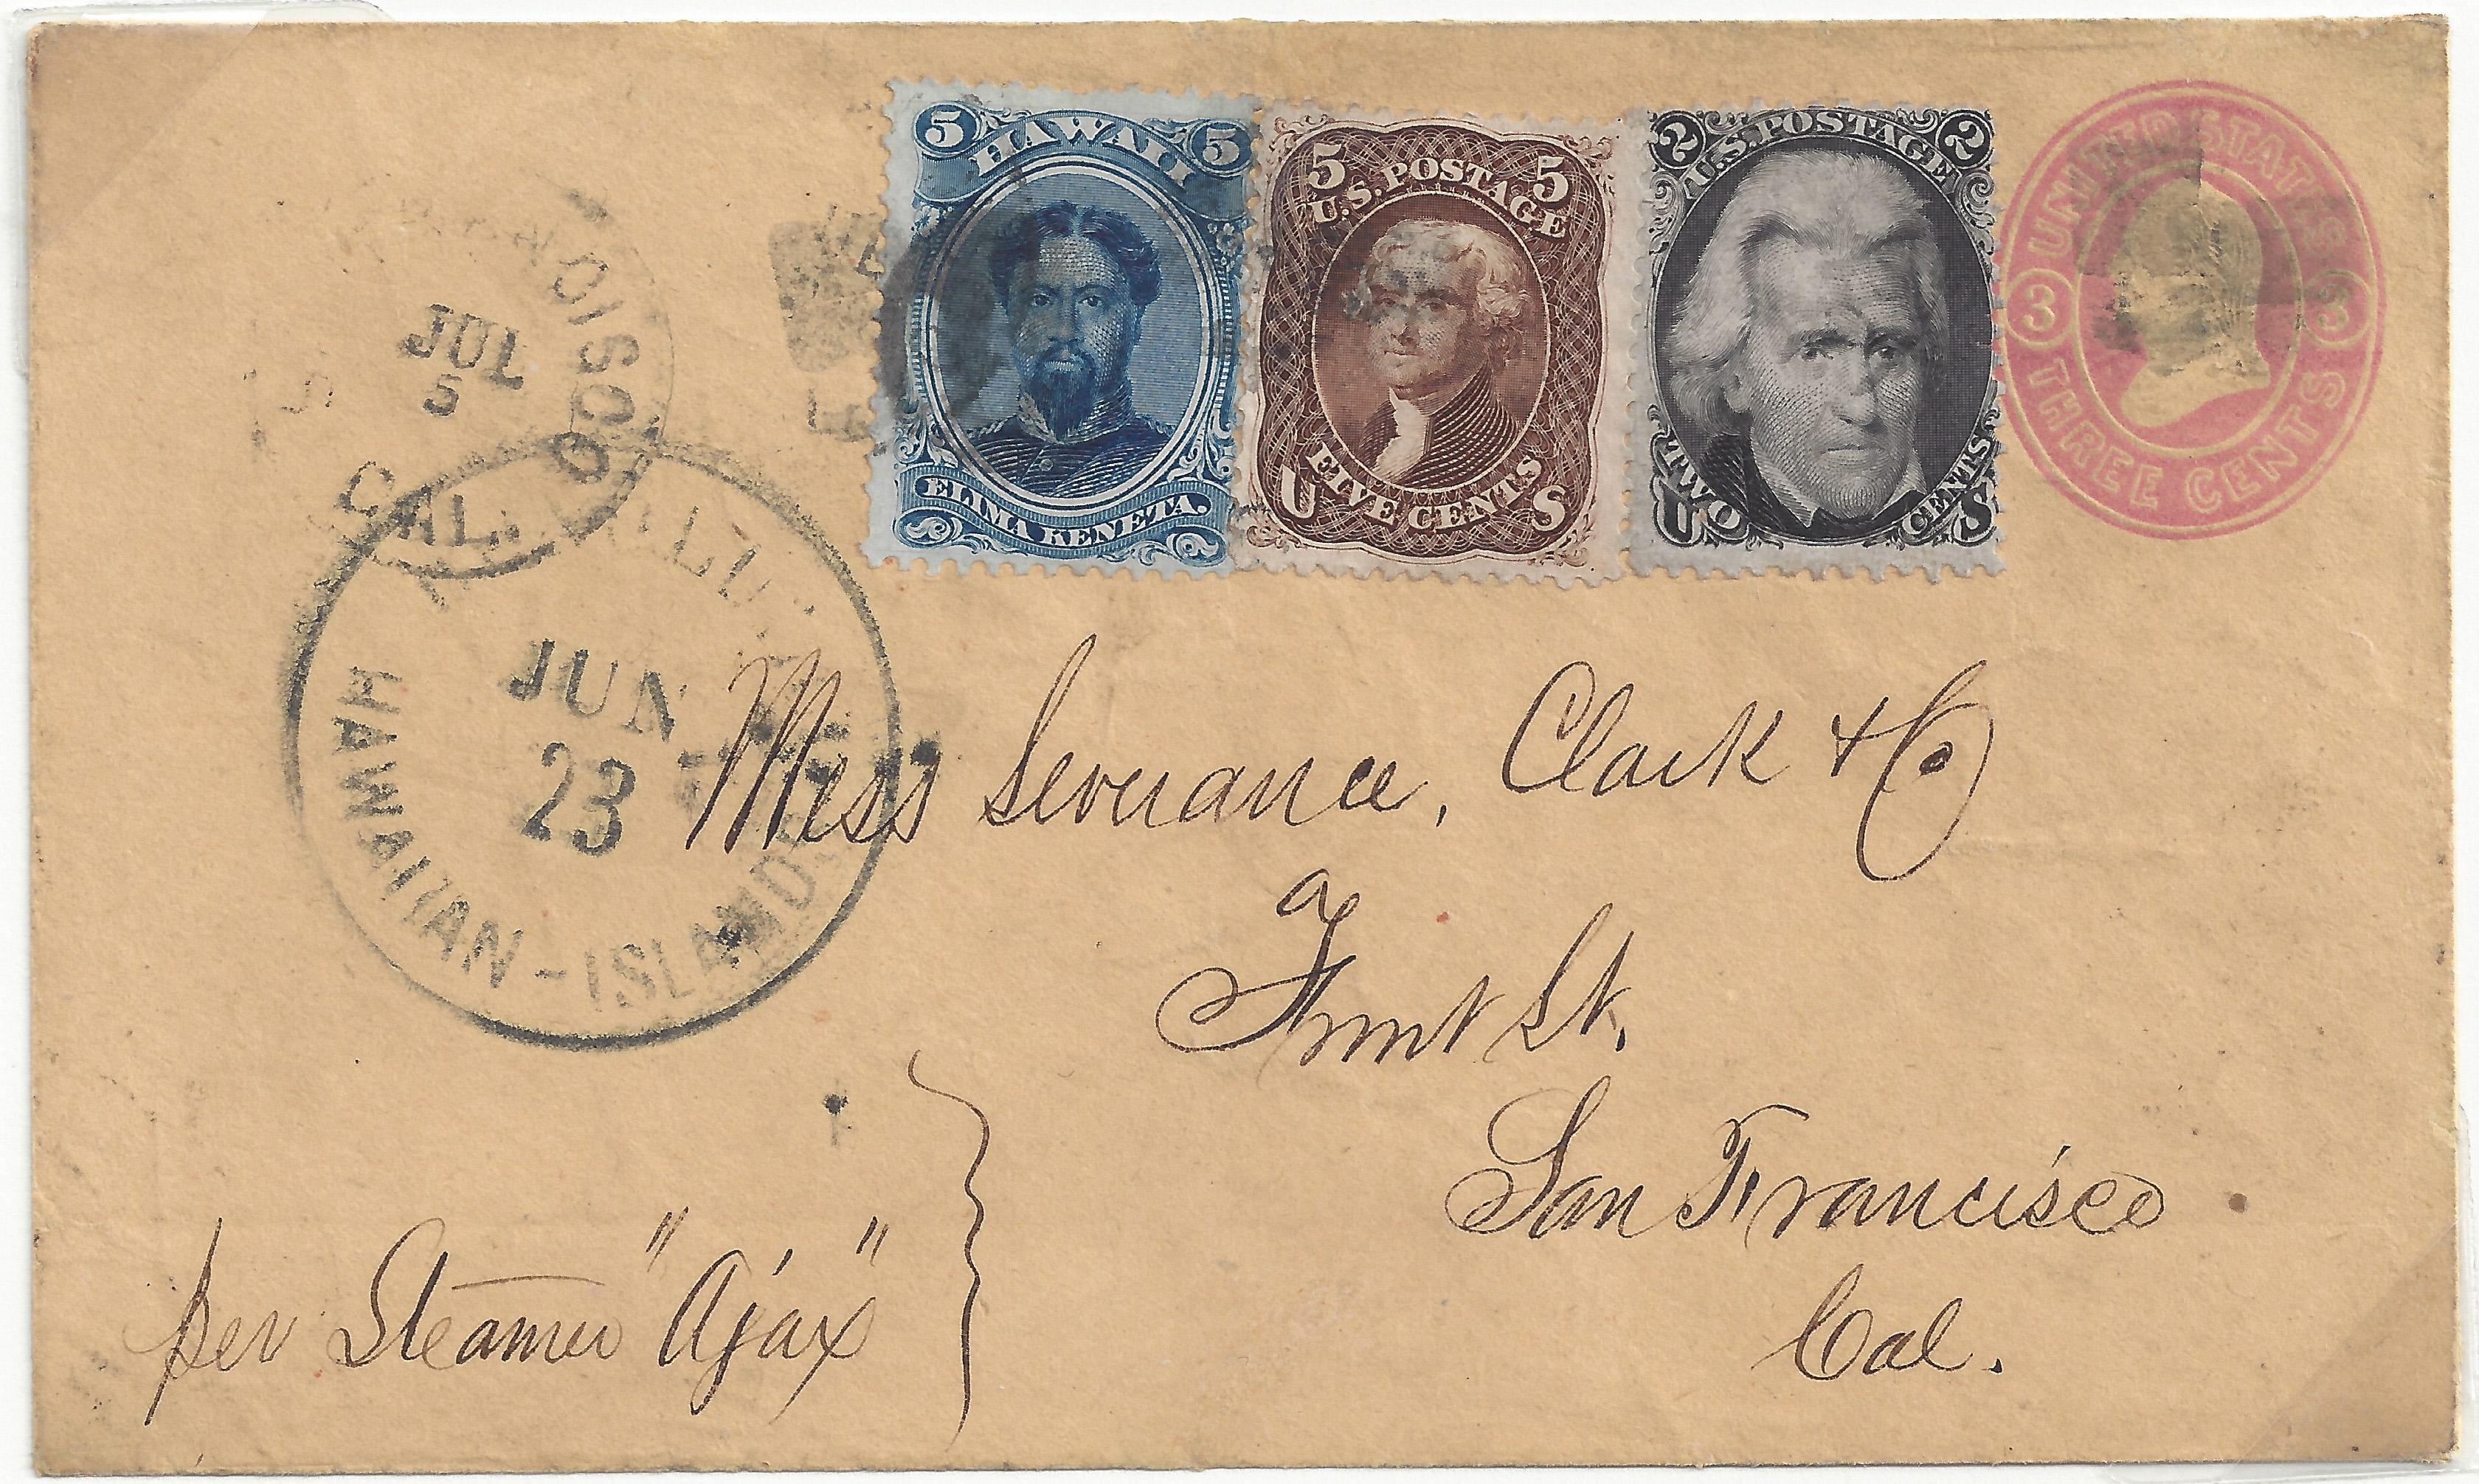 Suburban 20140707 5 026B Jun 23 1870 Honolulu, 10c Rate, Jul 5 1870 SF Ds (U58 73 76)